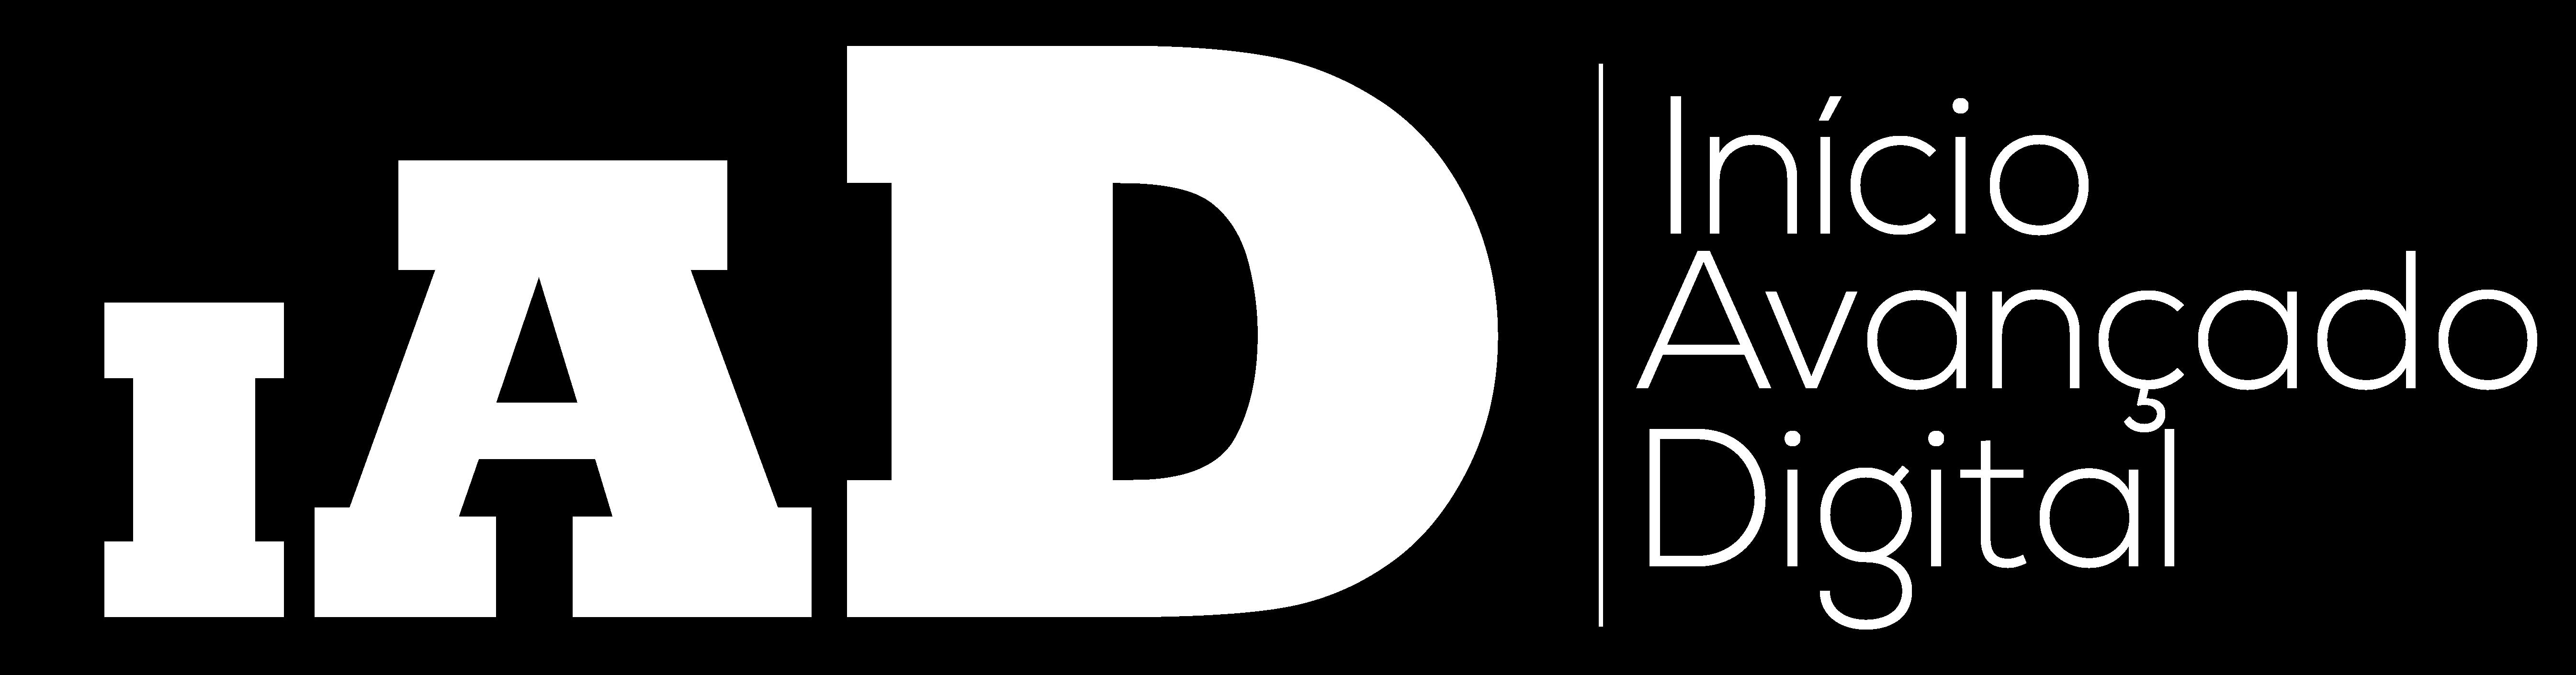 inicio avancado digital, iad, iad 3.0, 25 de outubro a 01 de novembro